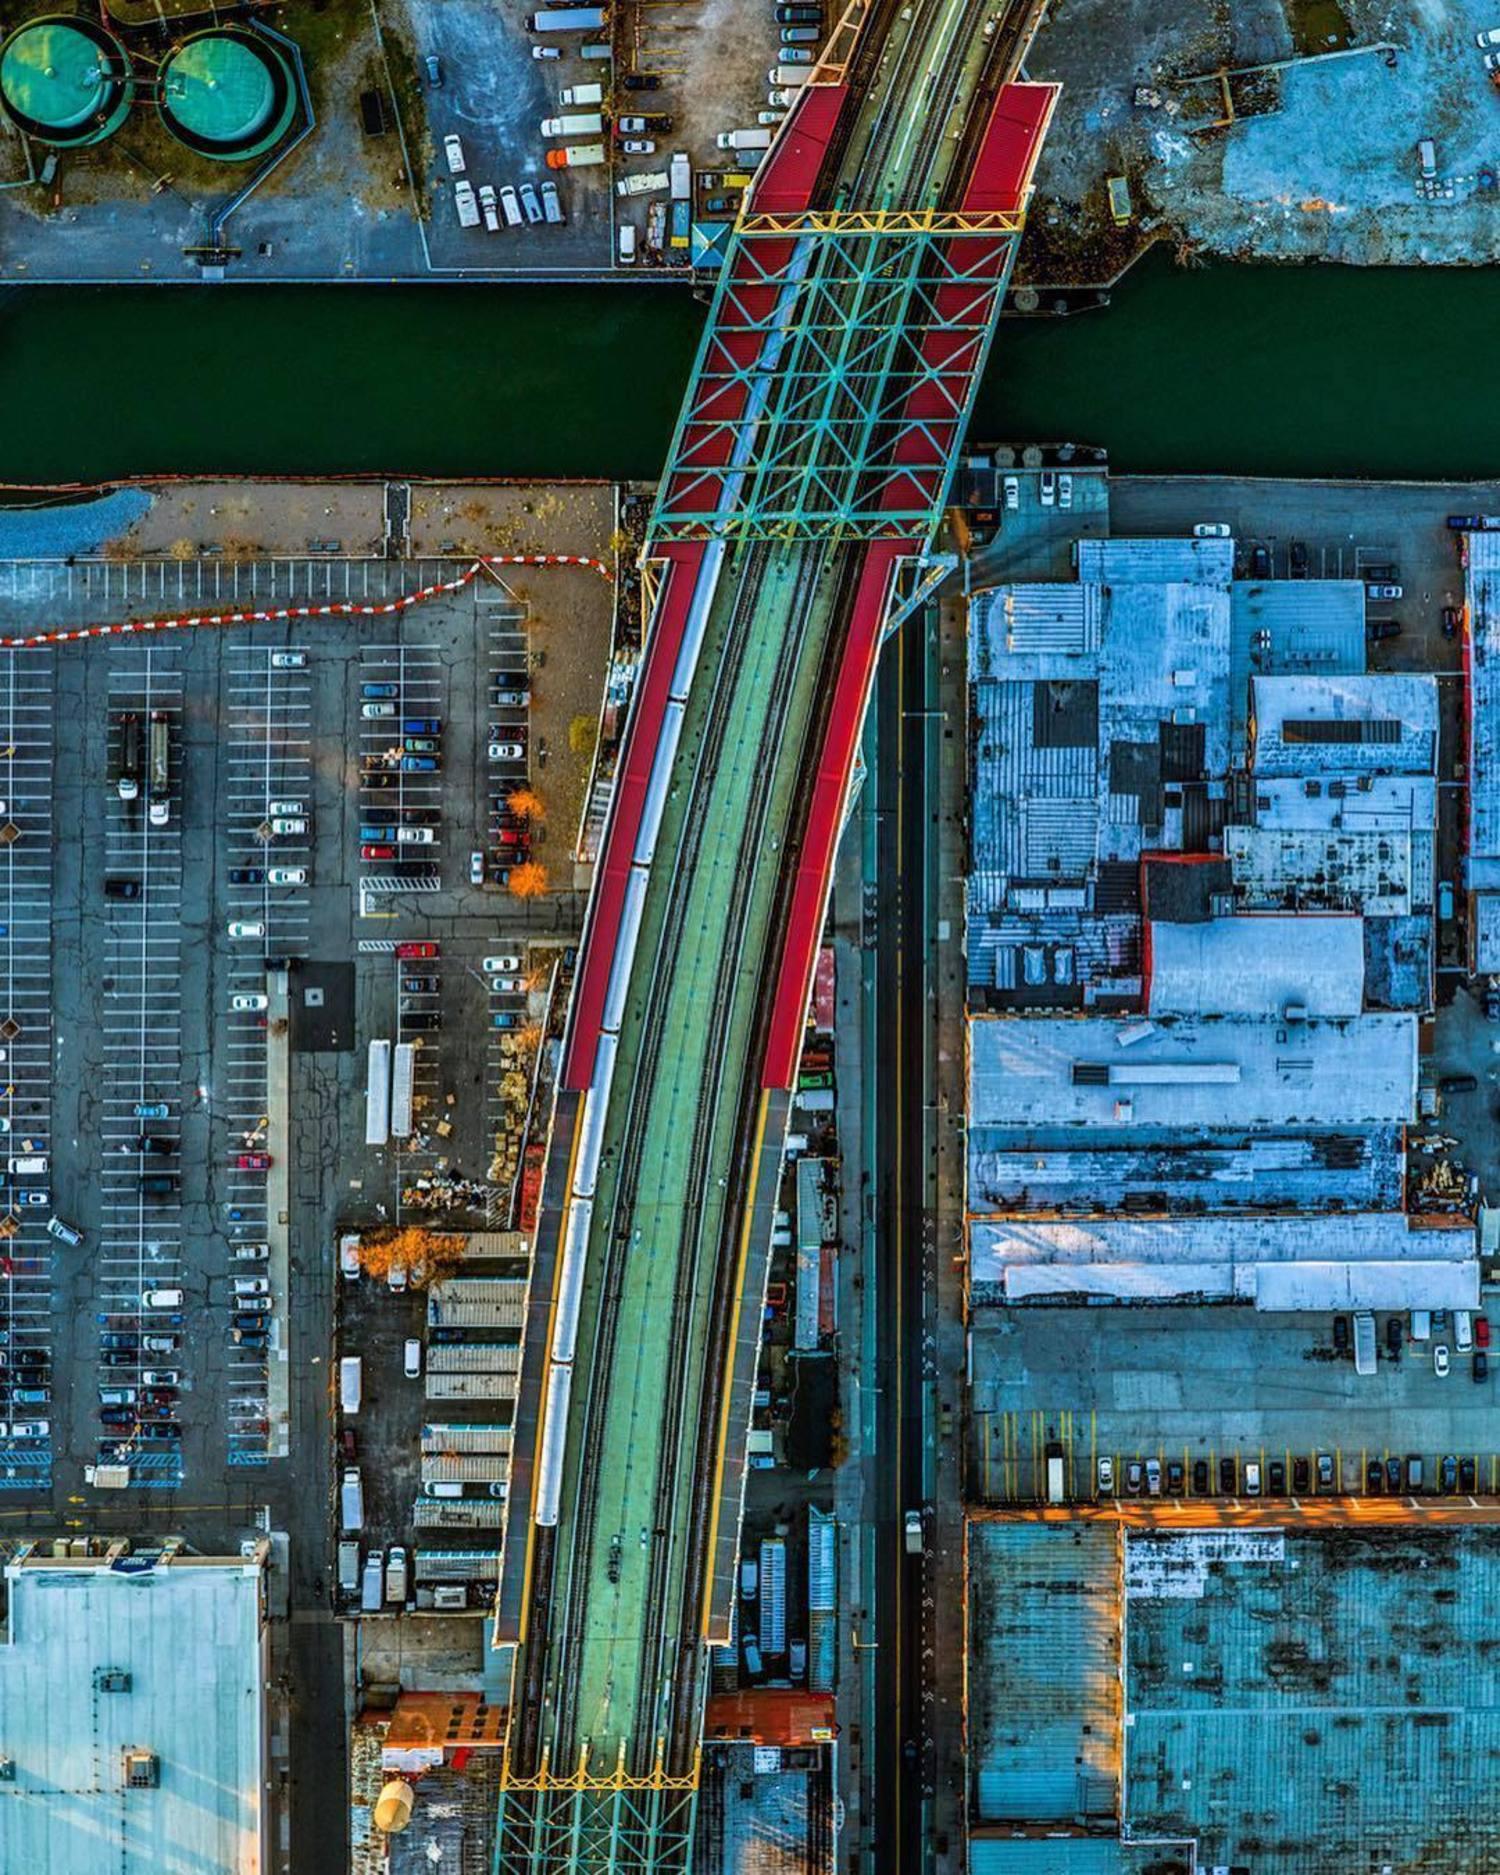 Gowanus Canal, Brooklyn. Photo via @jeffreymilstein #viewingnyc #nyc #newyork #newyorkcity #gowanus #gowanuscanal